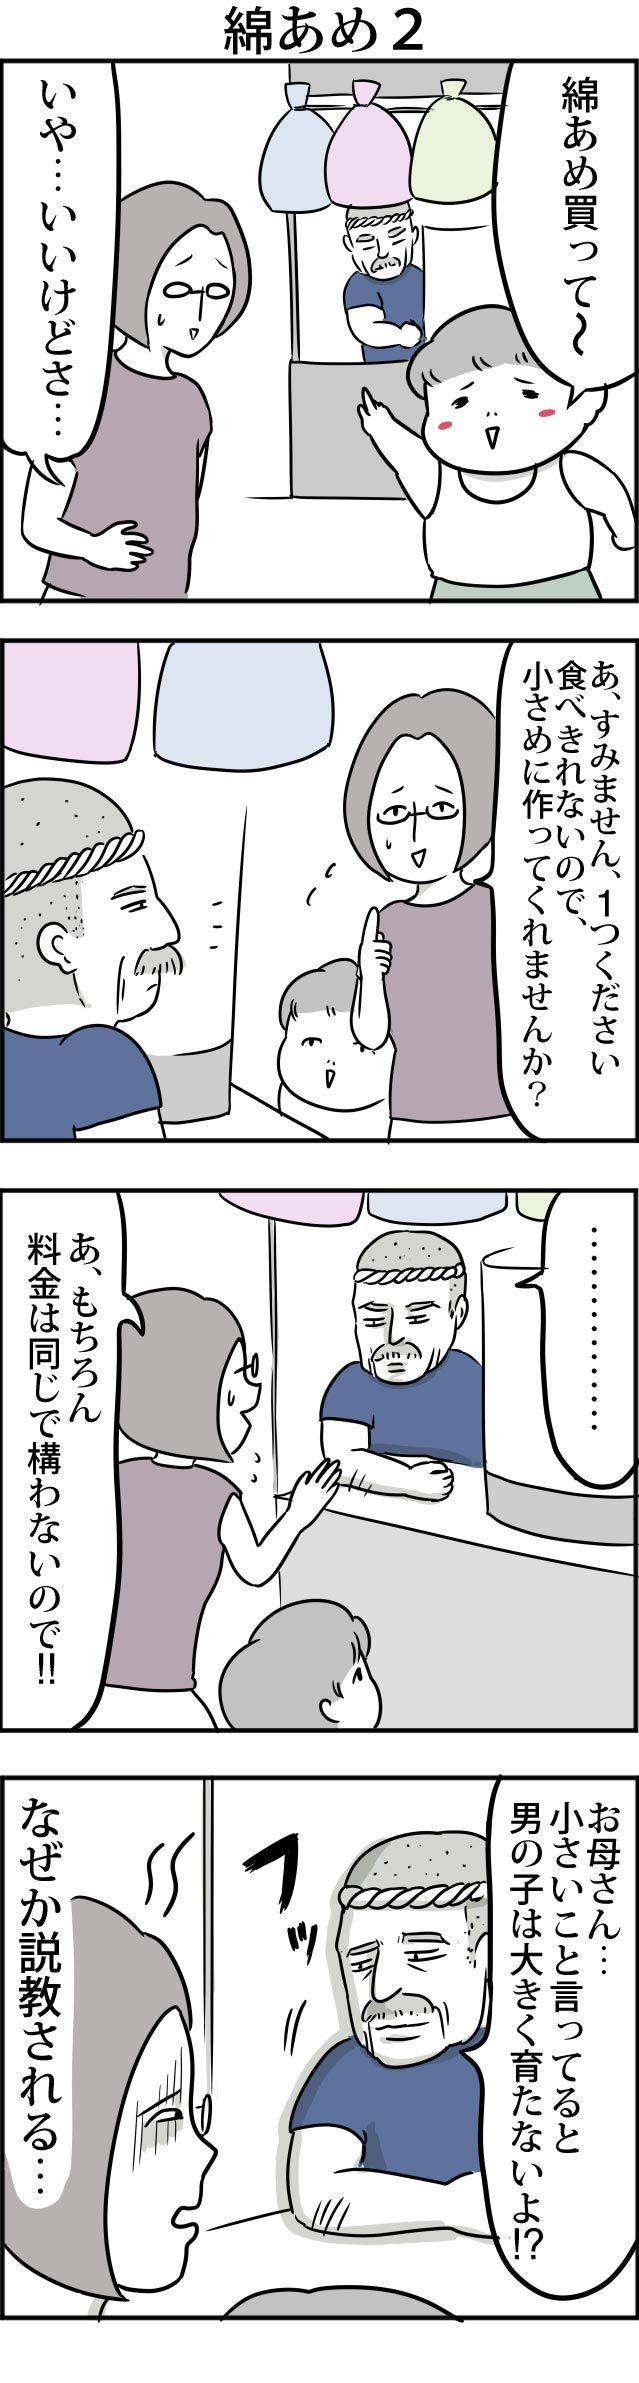 29綿あめ2